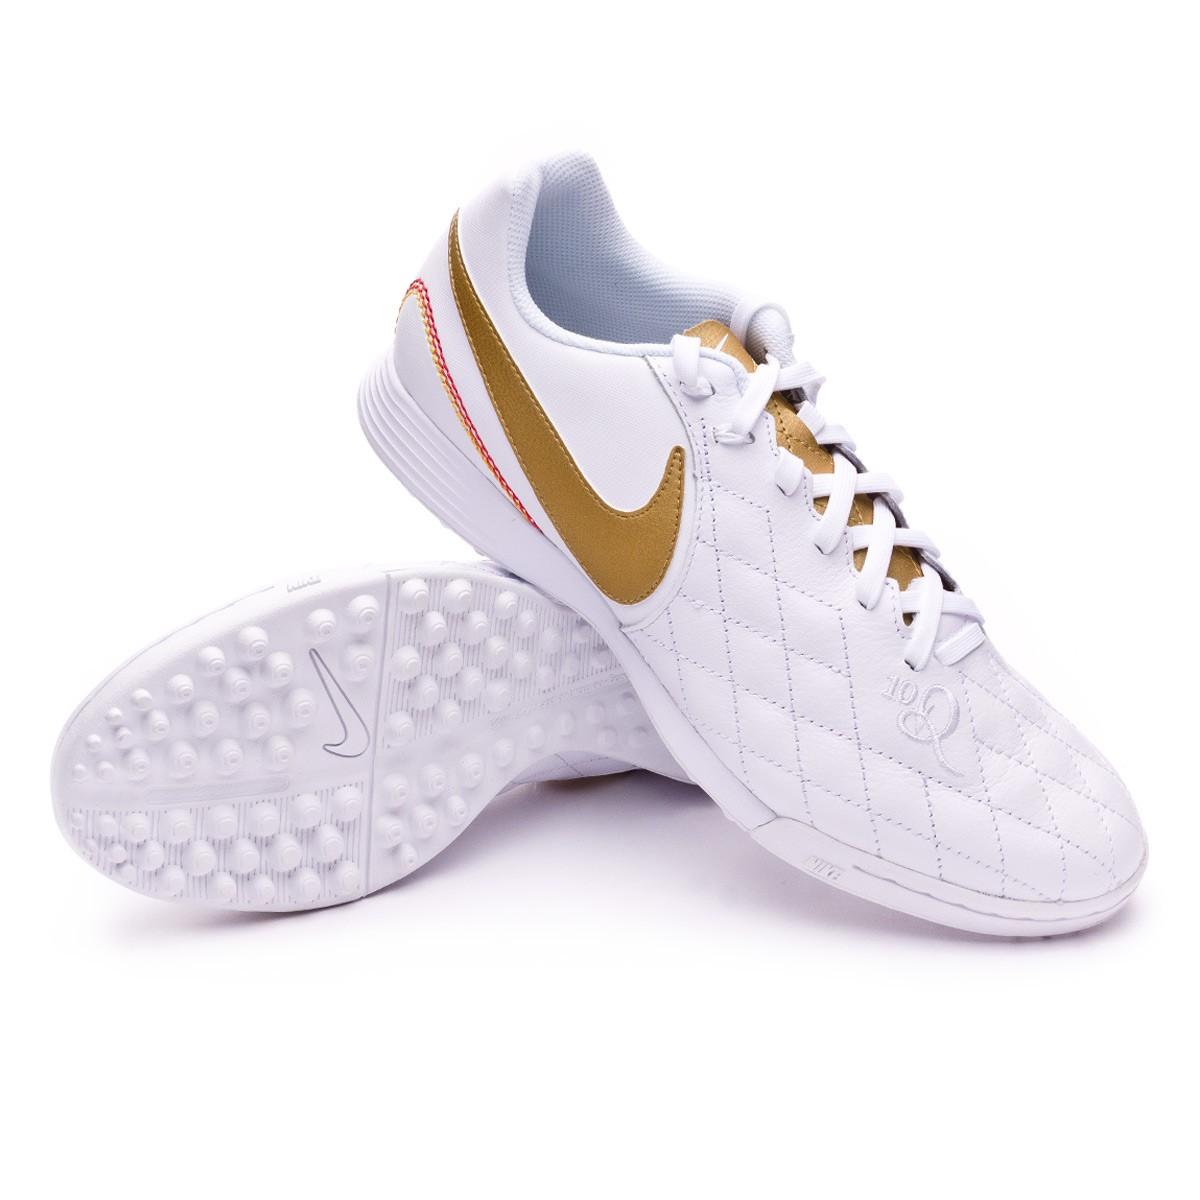 c29660e06 Football Boot Nike LegendX VII Academy 10R Turf White-Metallic gold ...